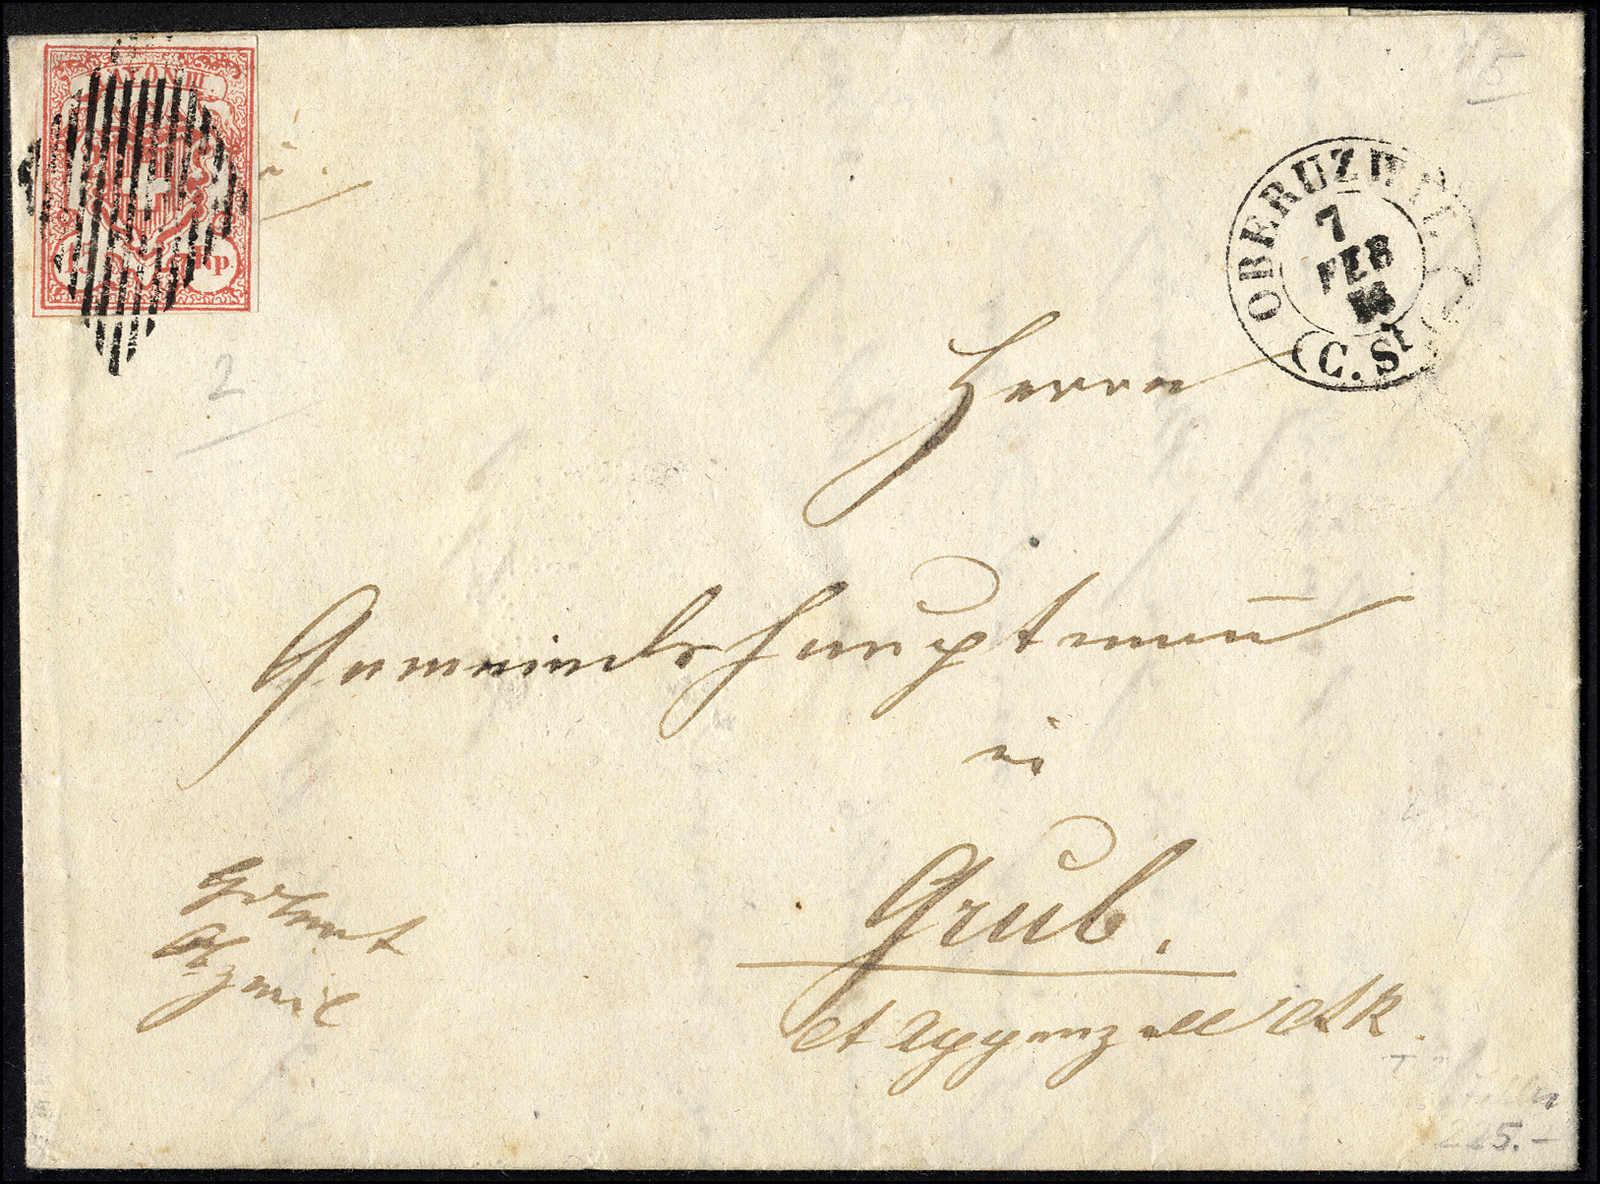 Lot 68 - sammlungen und posten sammlungen und posten altschweiz -  Rolli Auctions Auction #68 Day 1